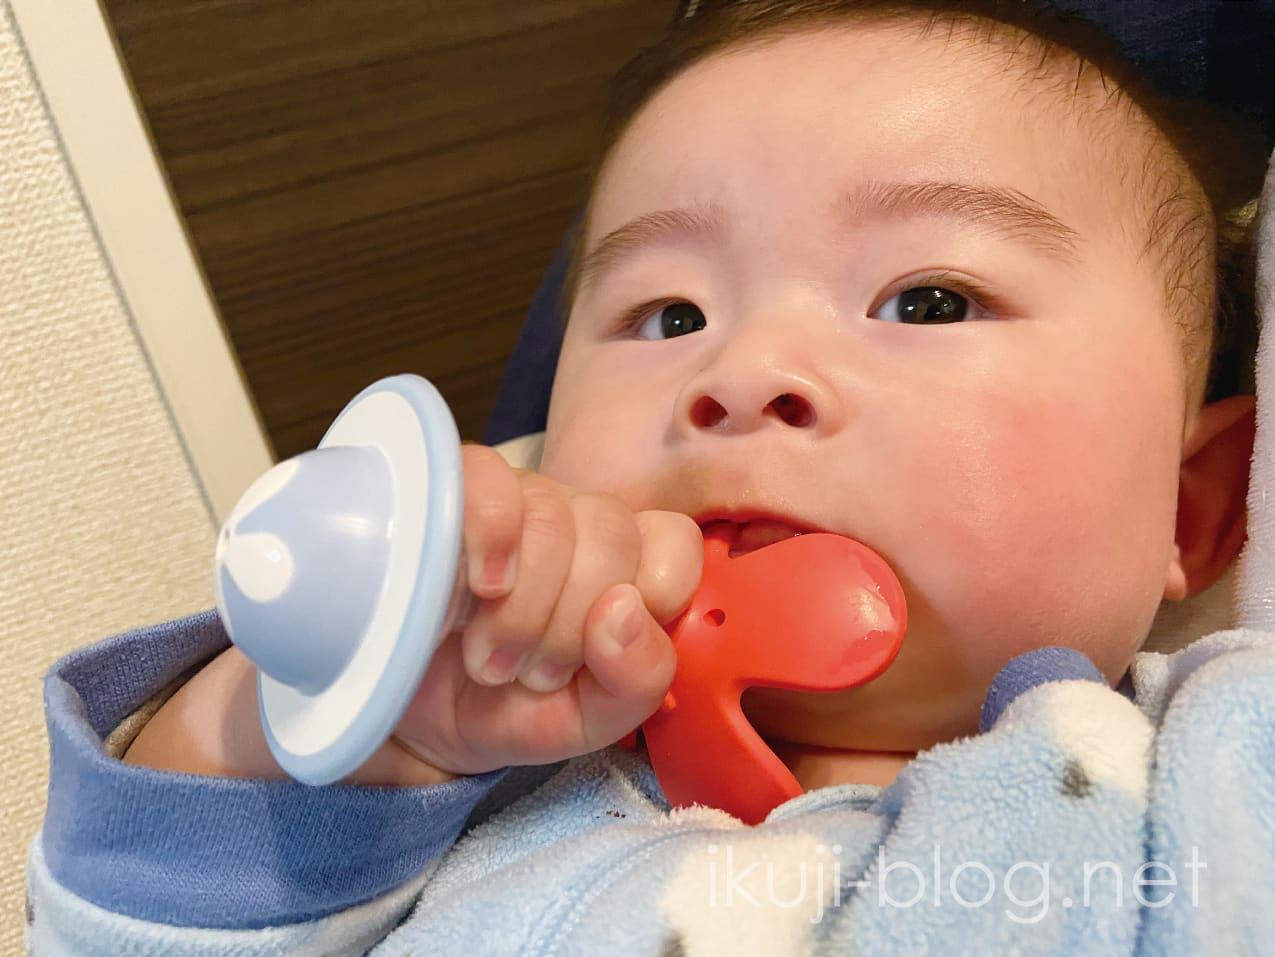 ピジョンの歯がためを噛む赤ちゃん